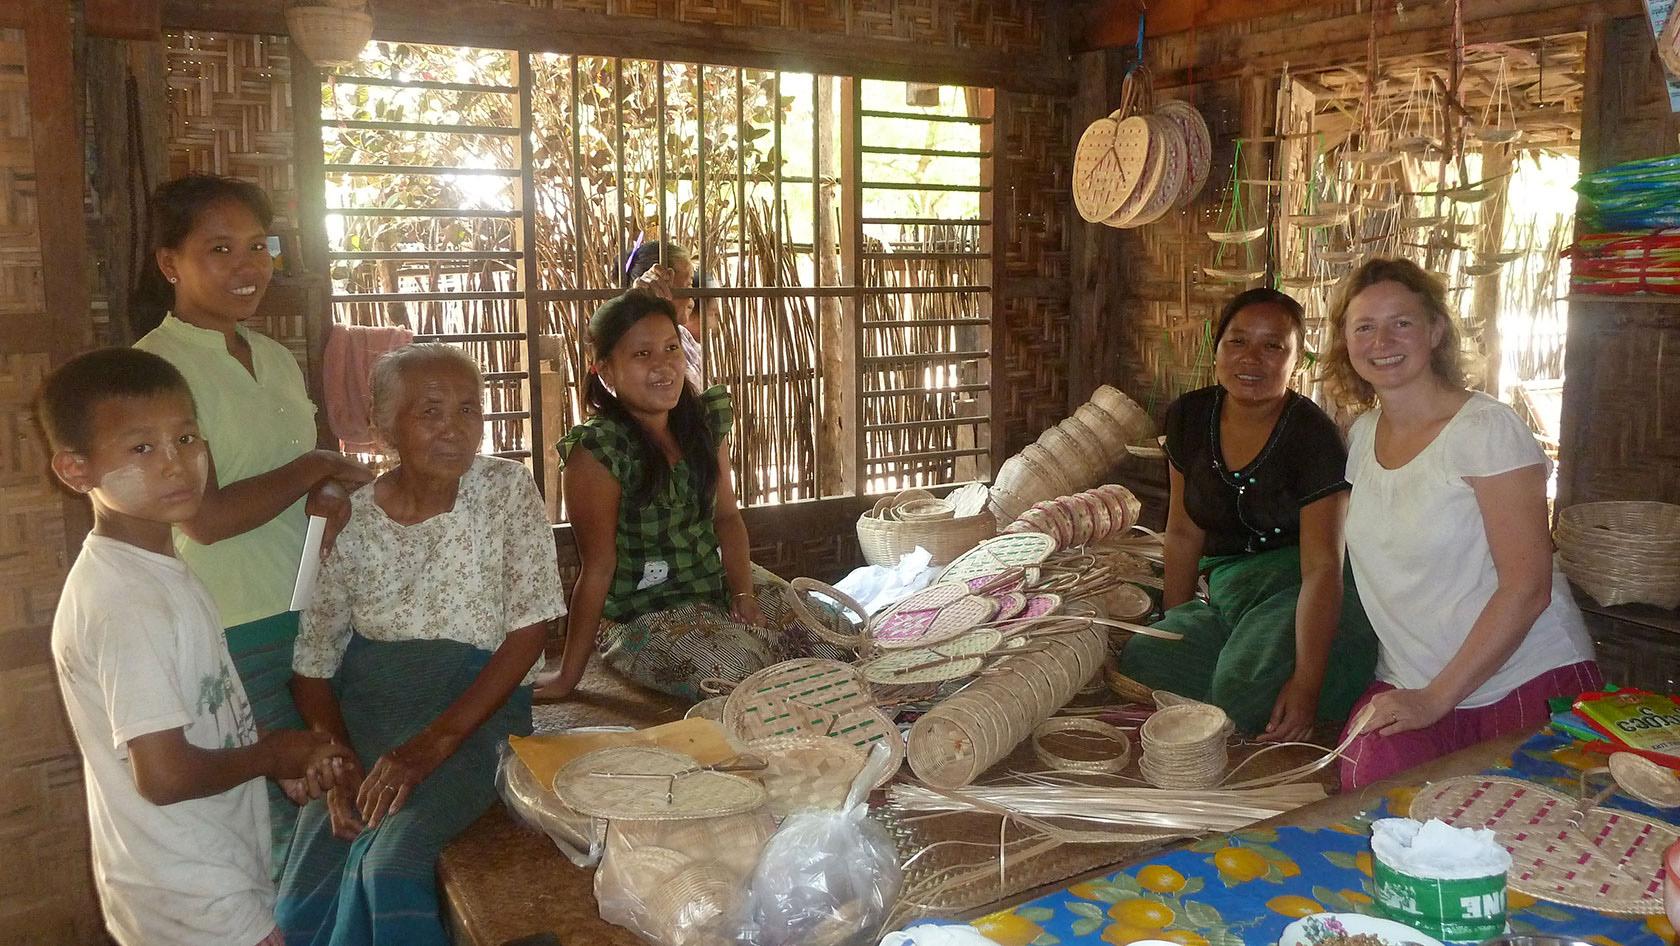 BASKET WEAVING WORKSHOP, MYANMAR